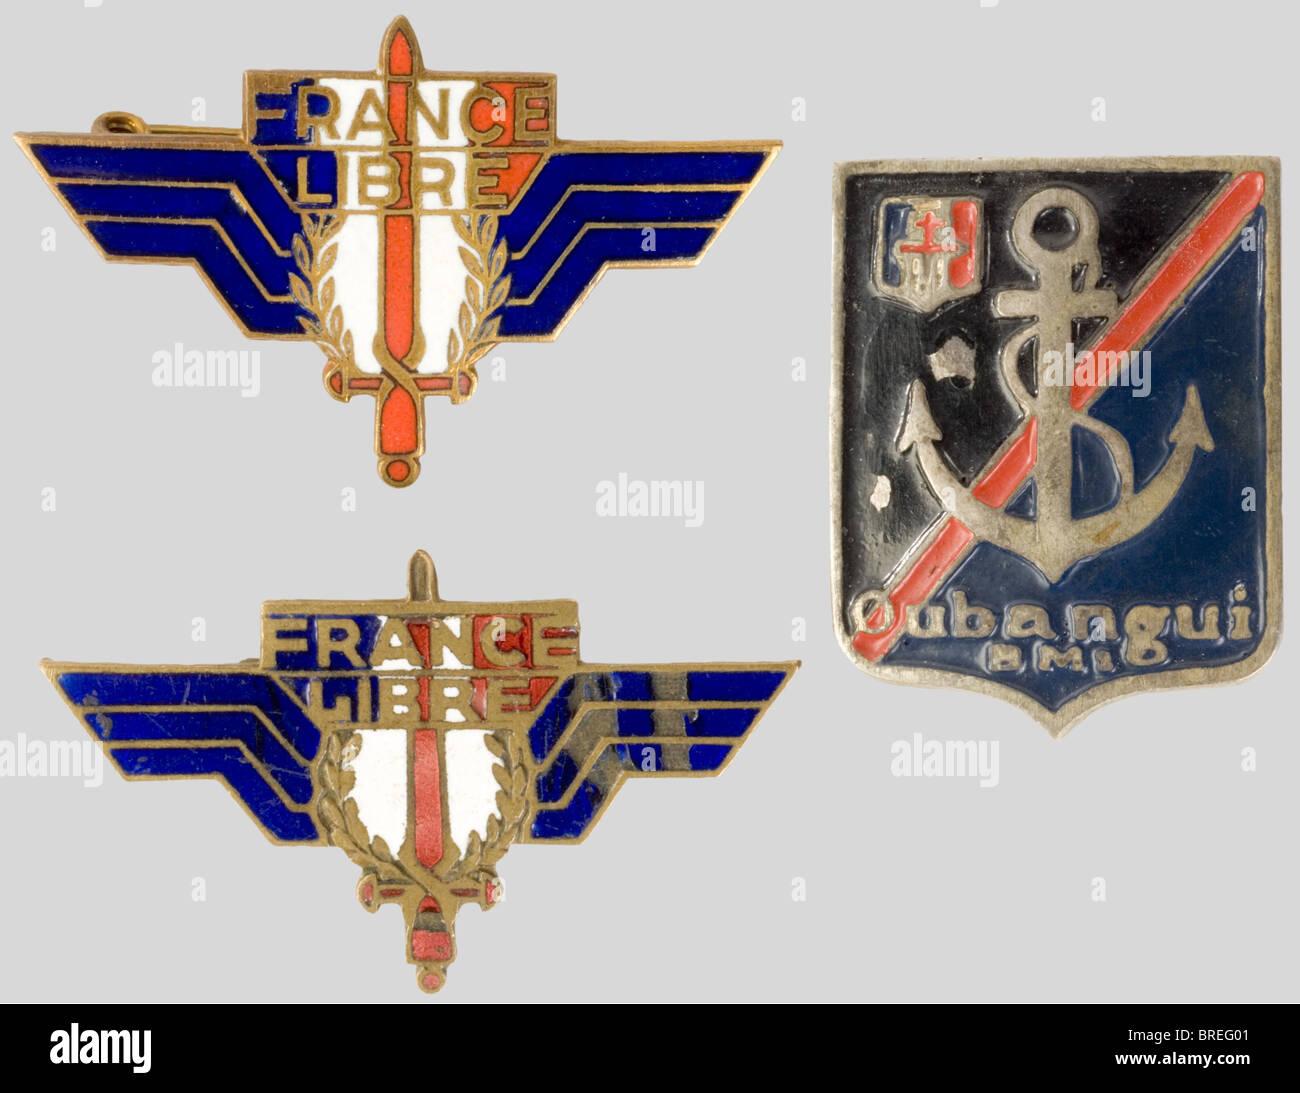 France 20ème siècle, rare ensemble d'insignes insignes privés service de la France Libre, comportant Photo Stock